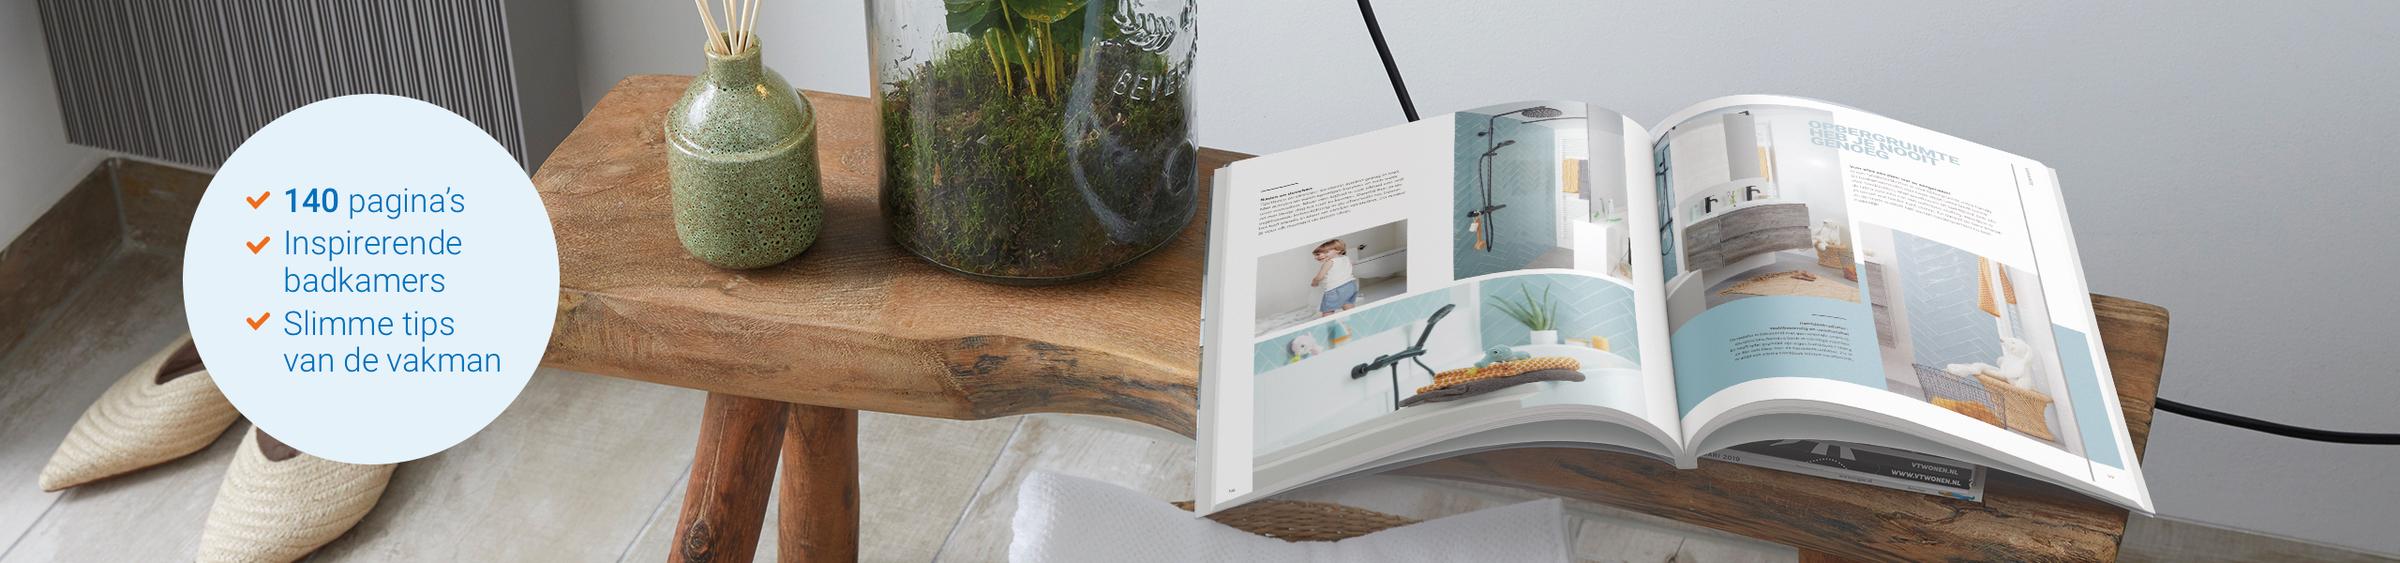 Badkamerboek vol inspiratie - Badkamerboek vol inspiratie